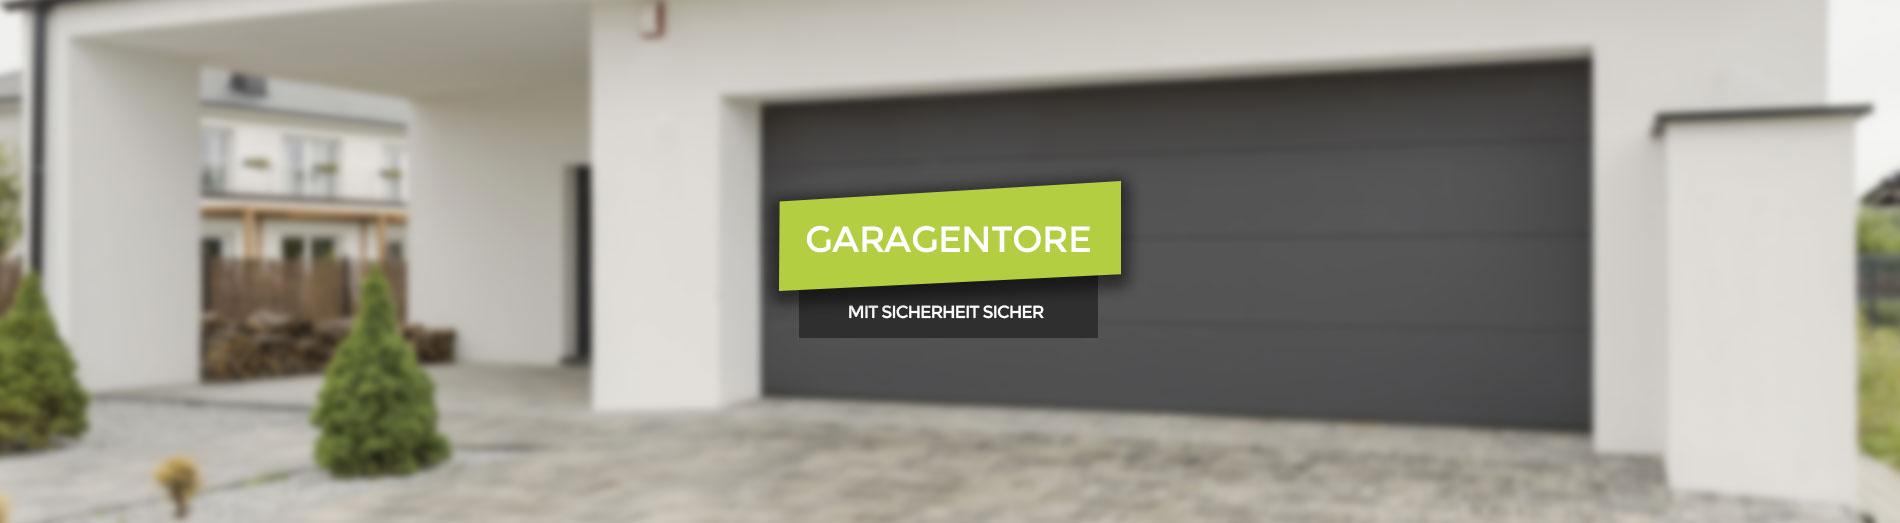 Häufig Marco Schwendner   Experte für Qualitäts-Garagentore in Kelheim ED82